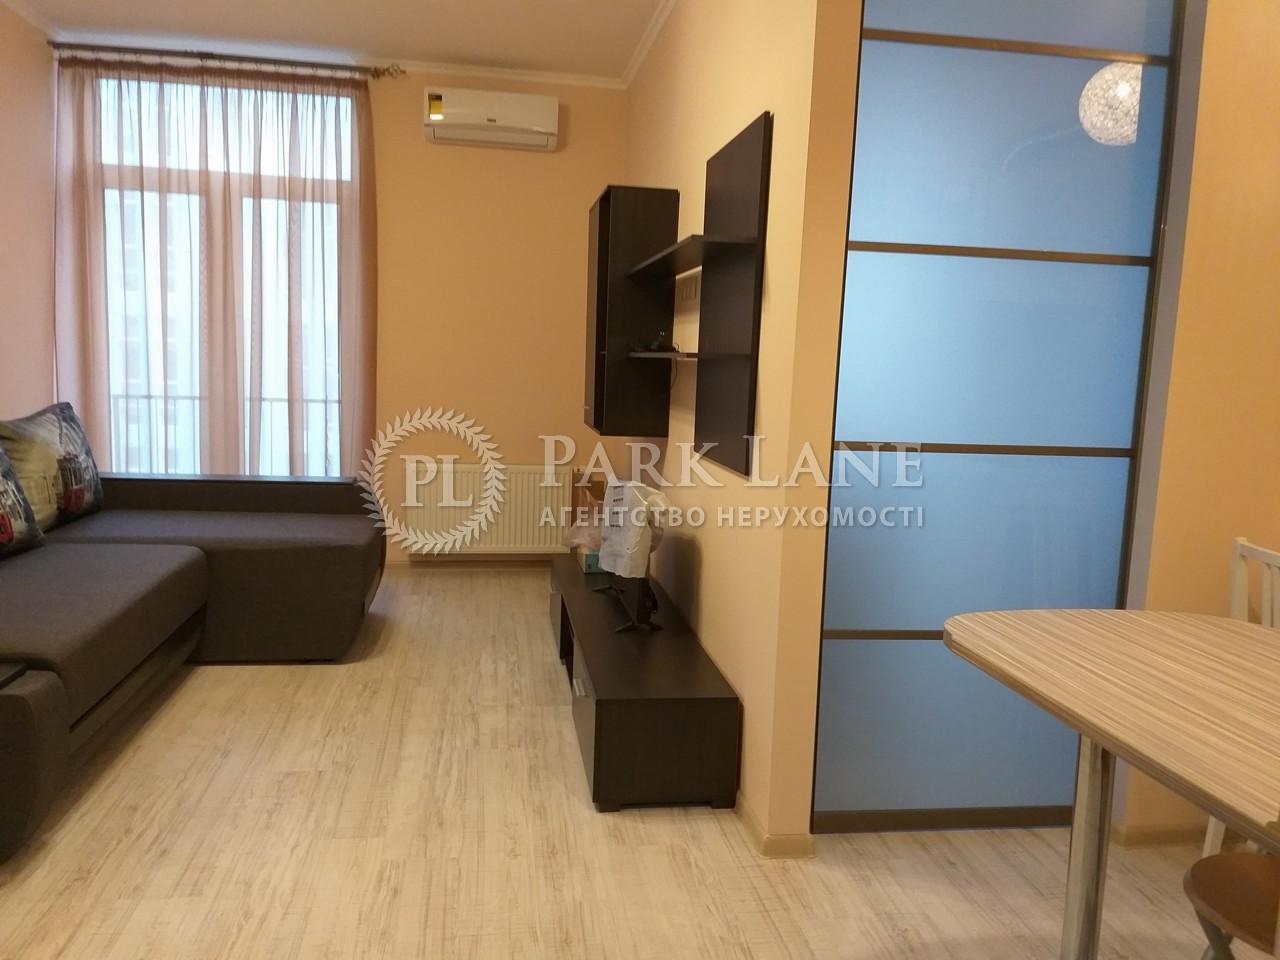 Квартира ул. Регенераторная, 4 корпус 14, Киев, R-23709 - Фото 4